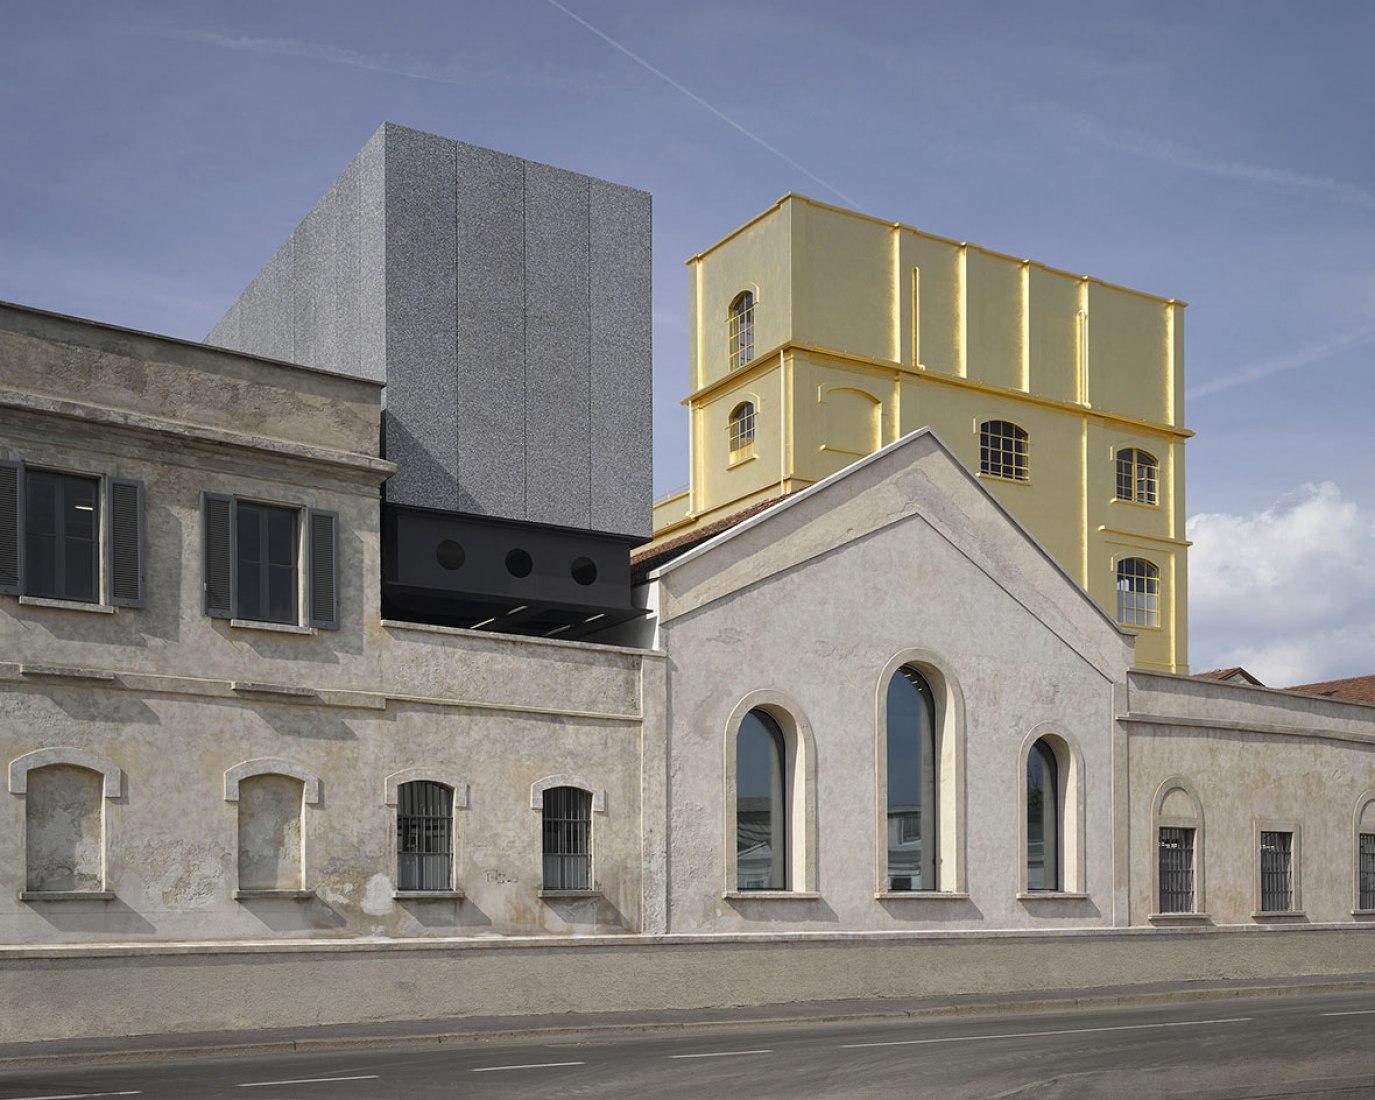 Fotografía @ Bas Princen. Cortesía de Fondazione Prada.